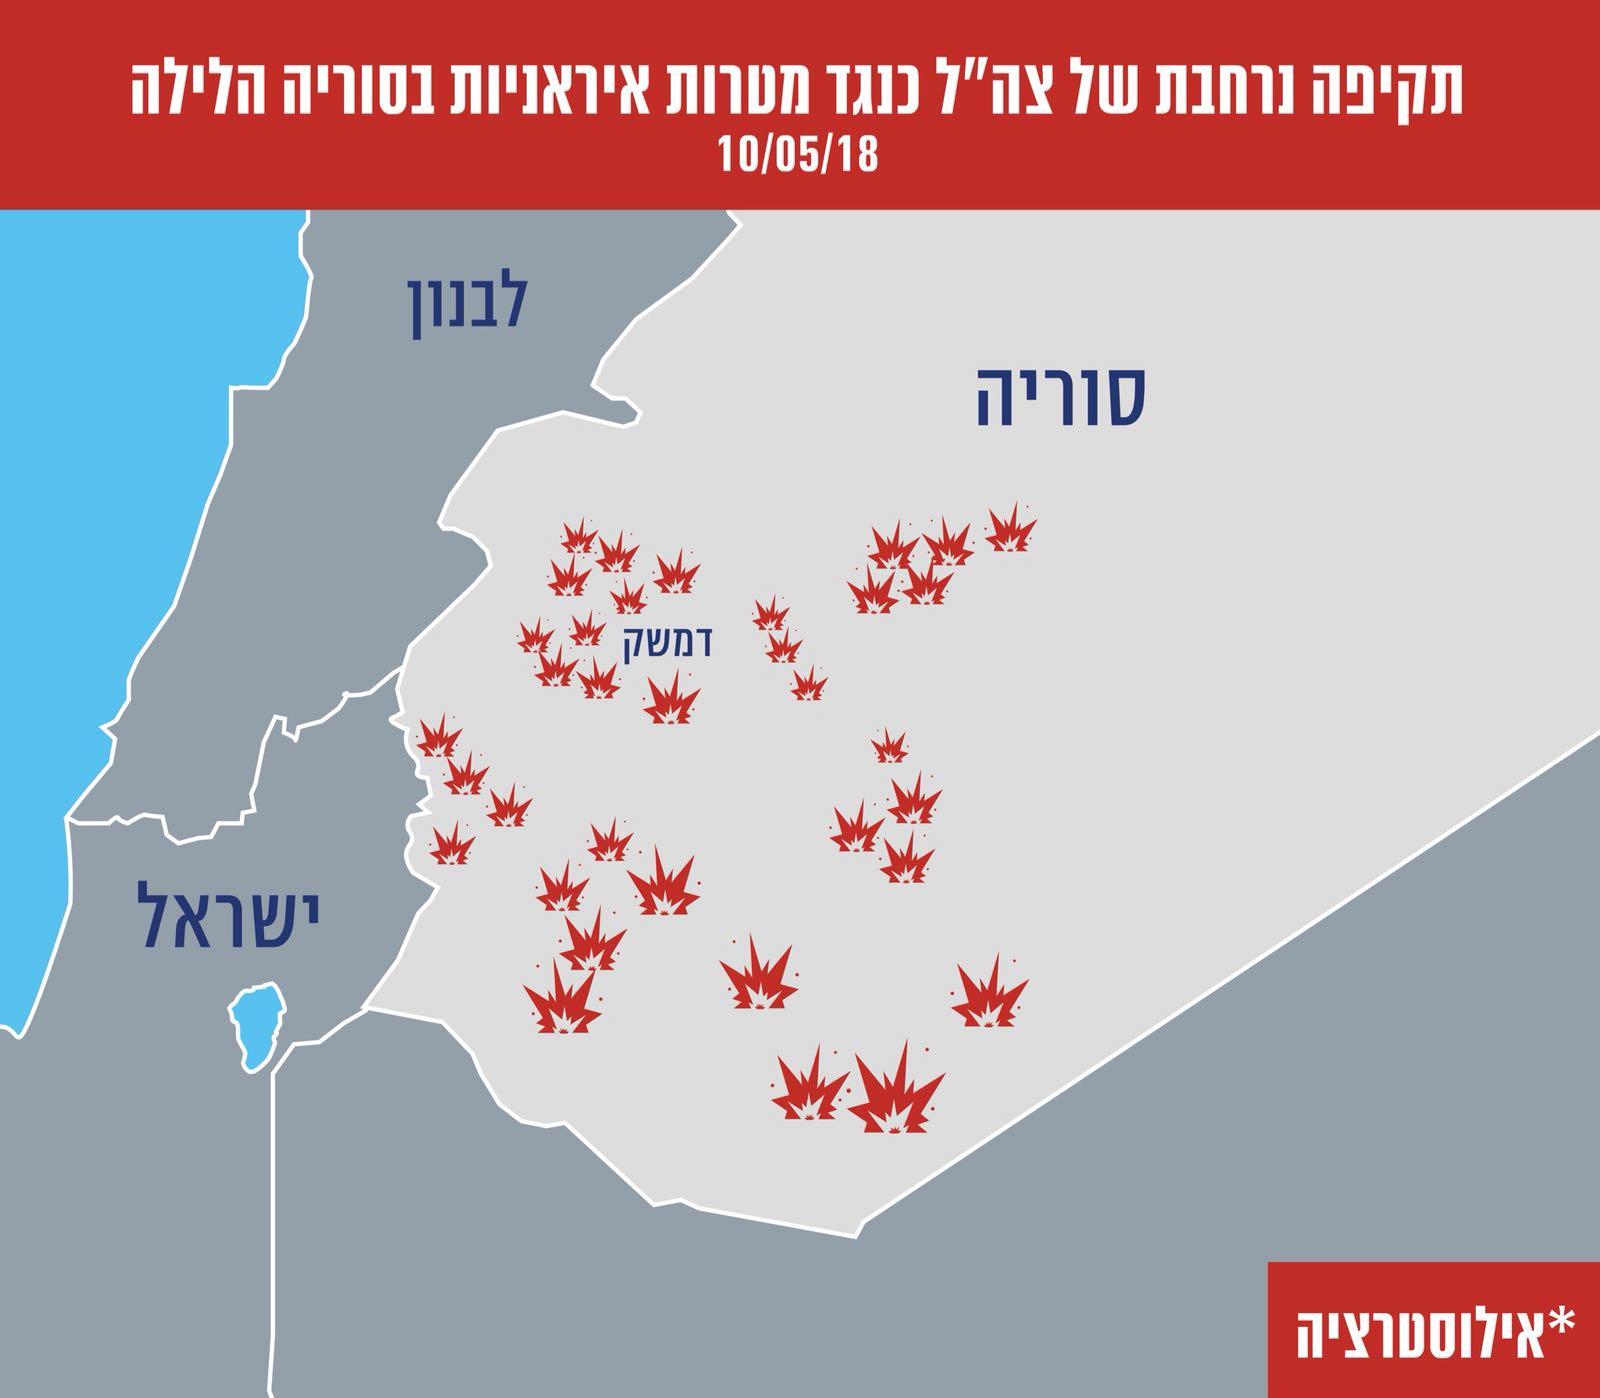 צה״ל: ״תקפנו עשרות יעדים צבאיים השייכים לכוח קודס האיראני בשטח סוריה״